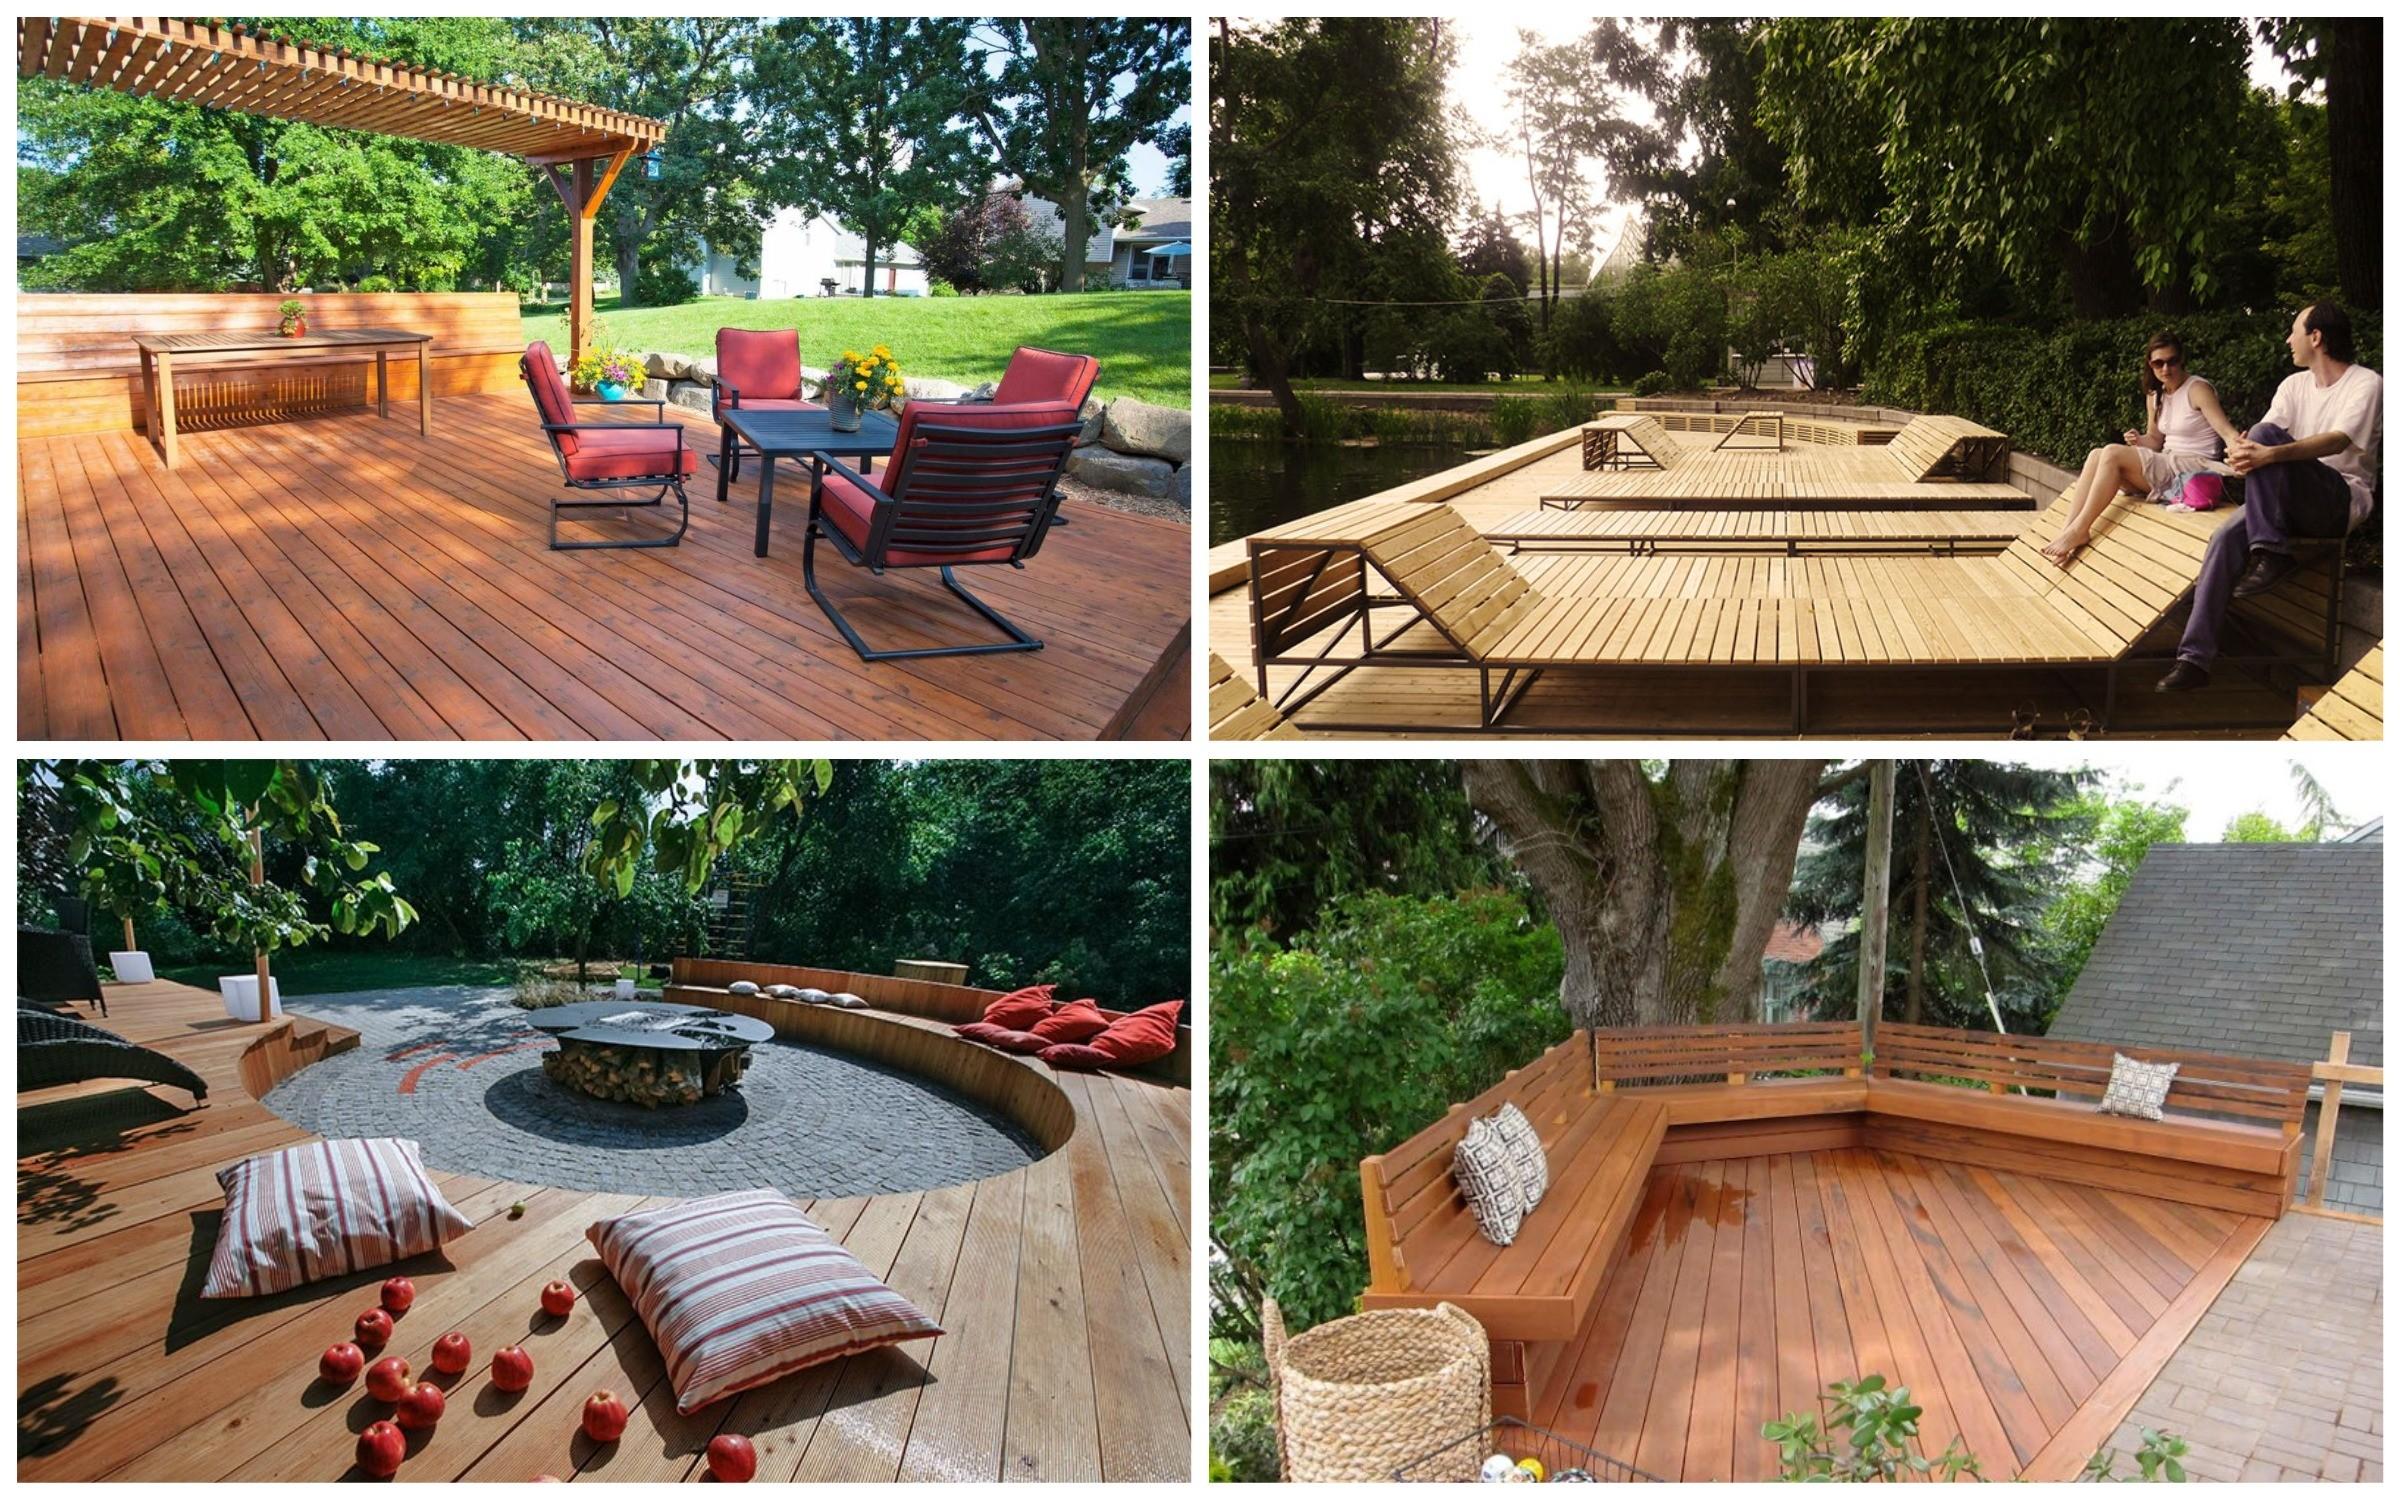 изображение деревянного настила в местах отдыха